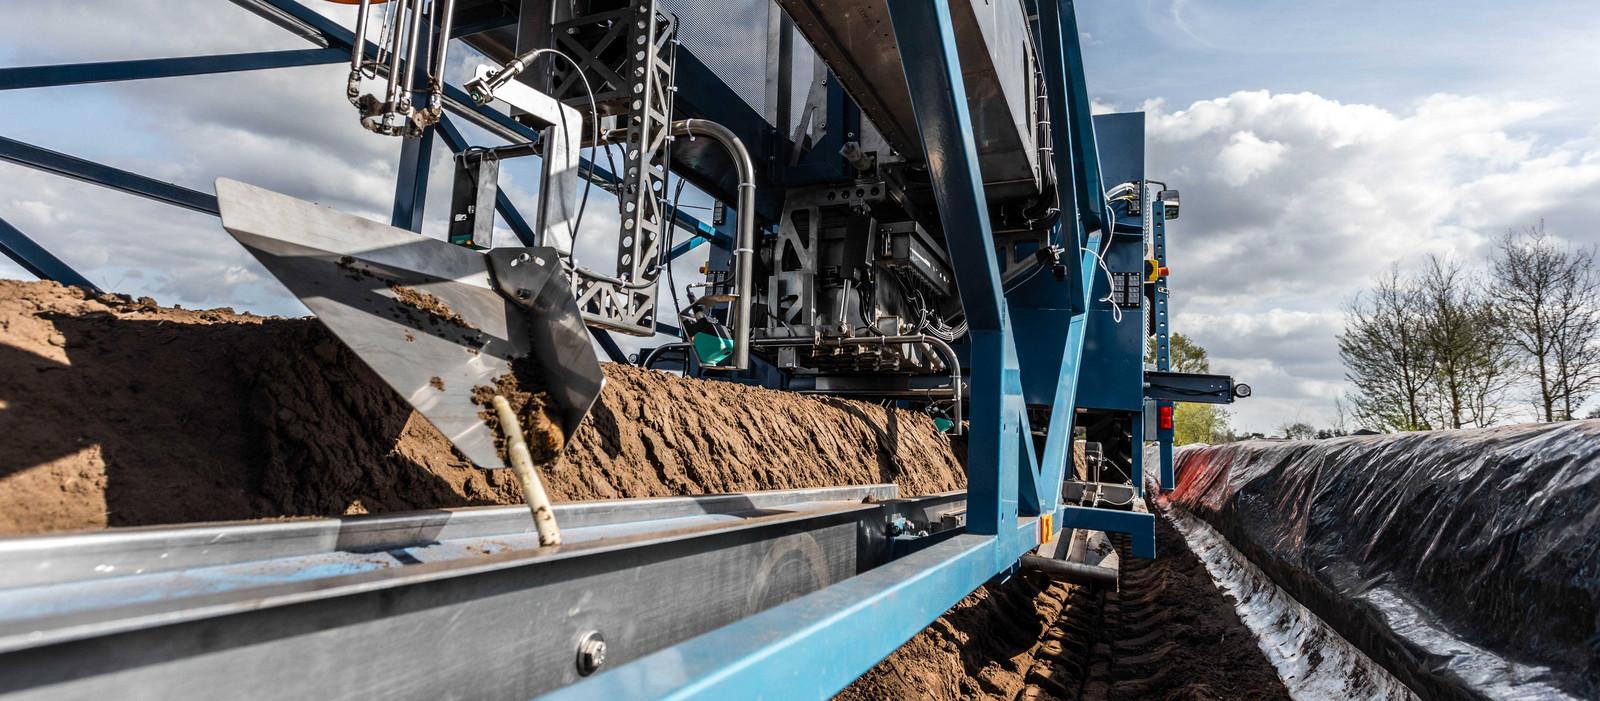 De machine aan het werk op een aspergeveld.